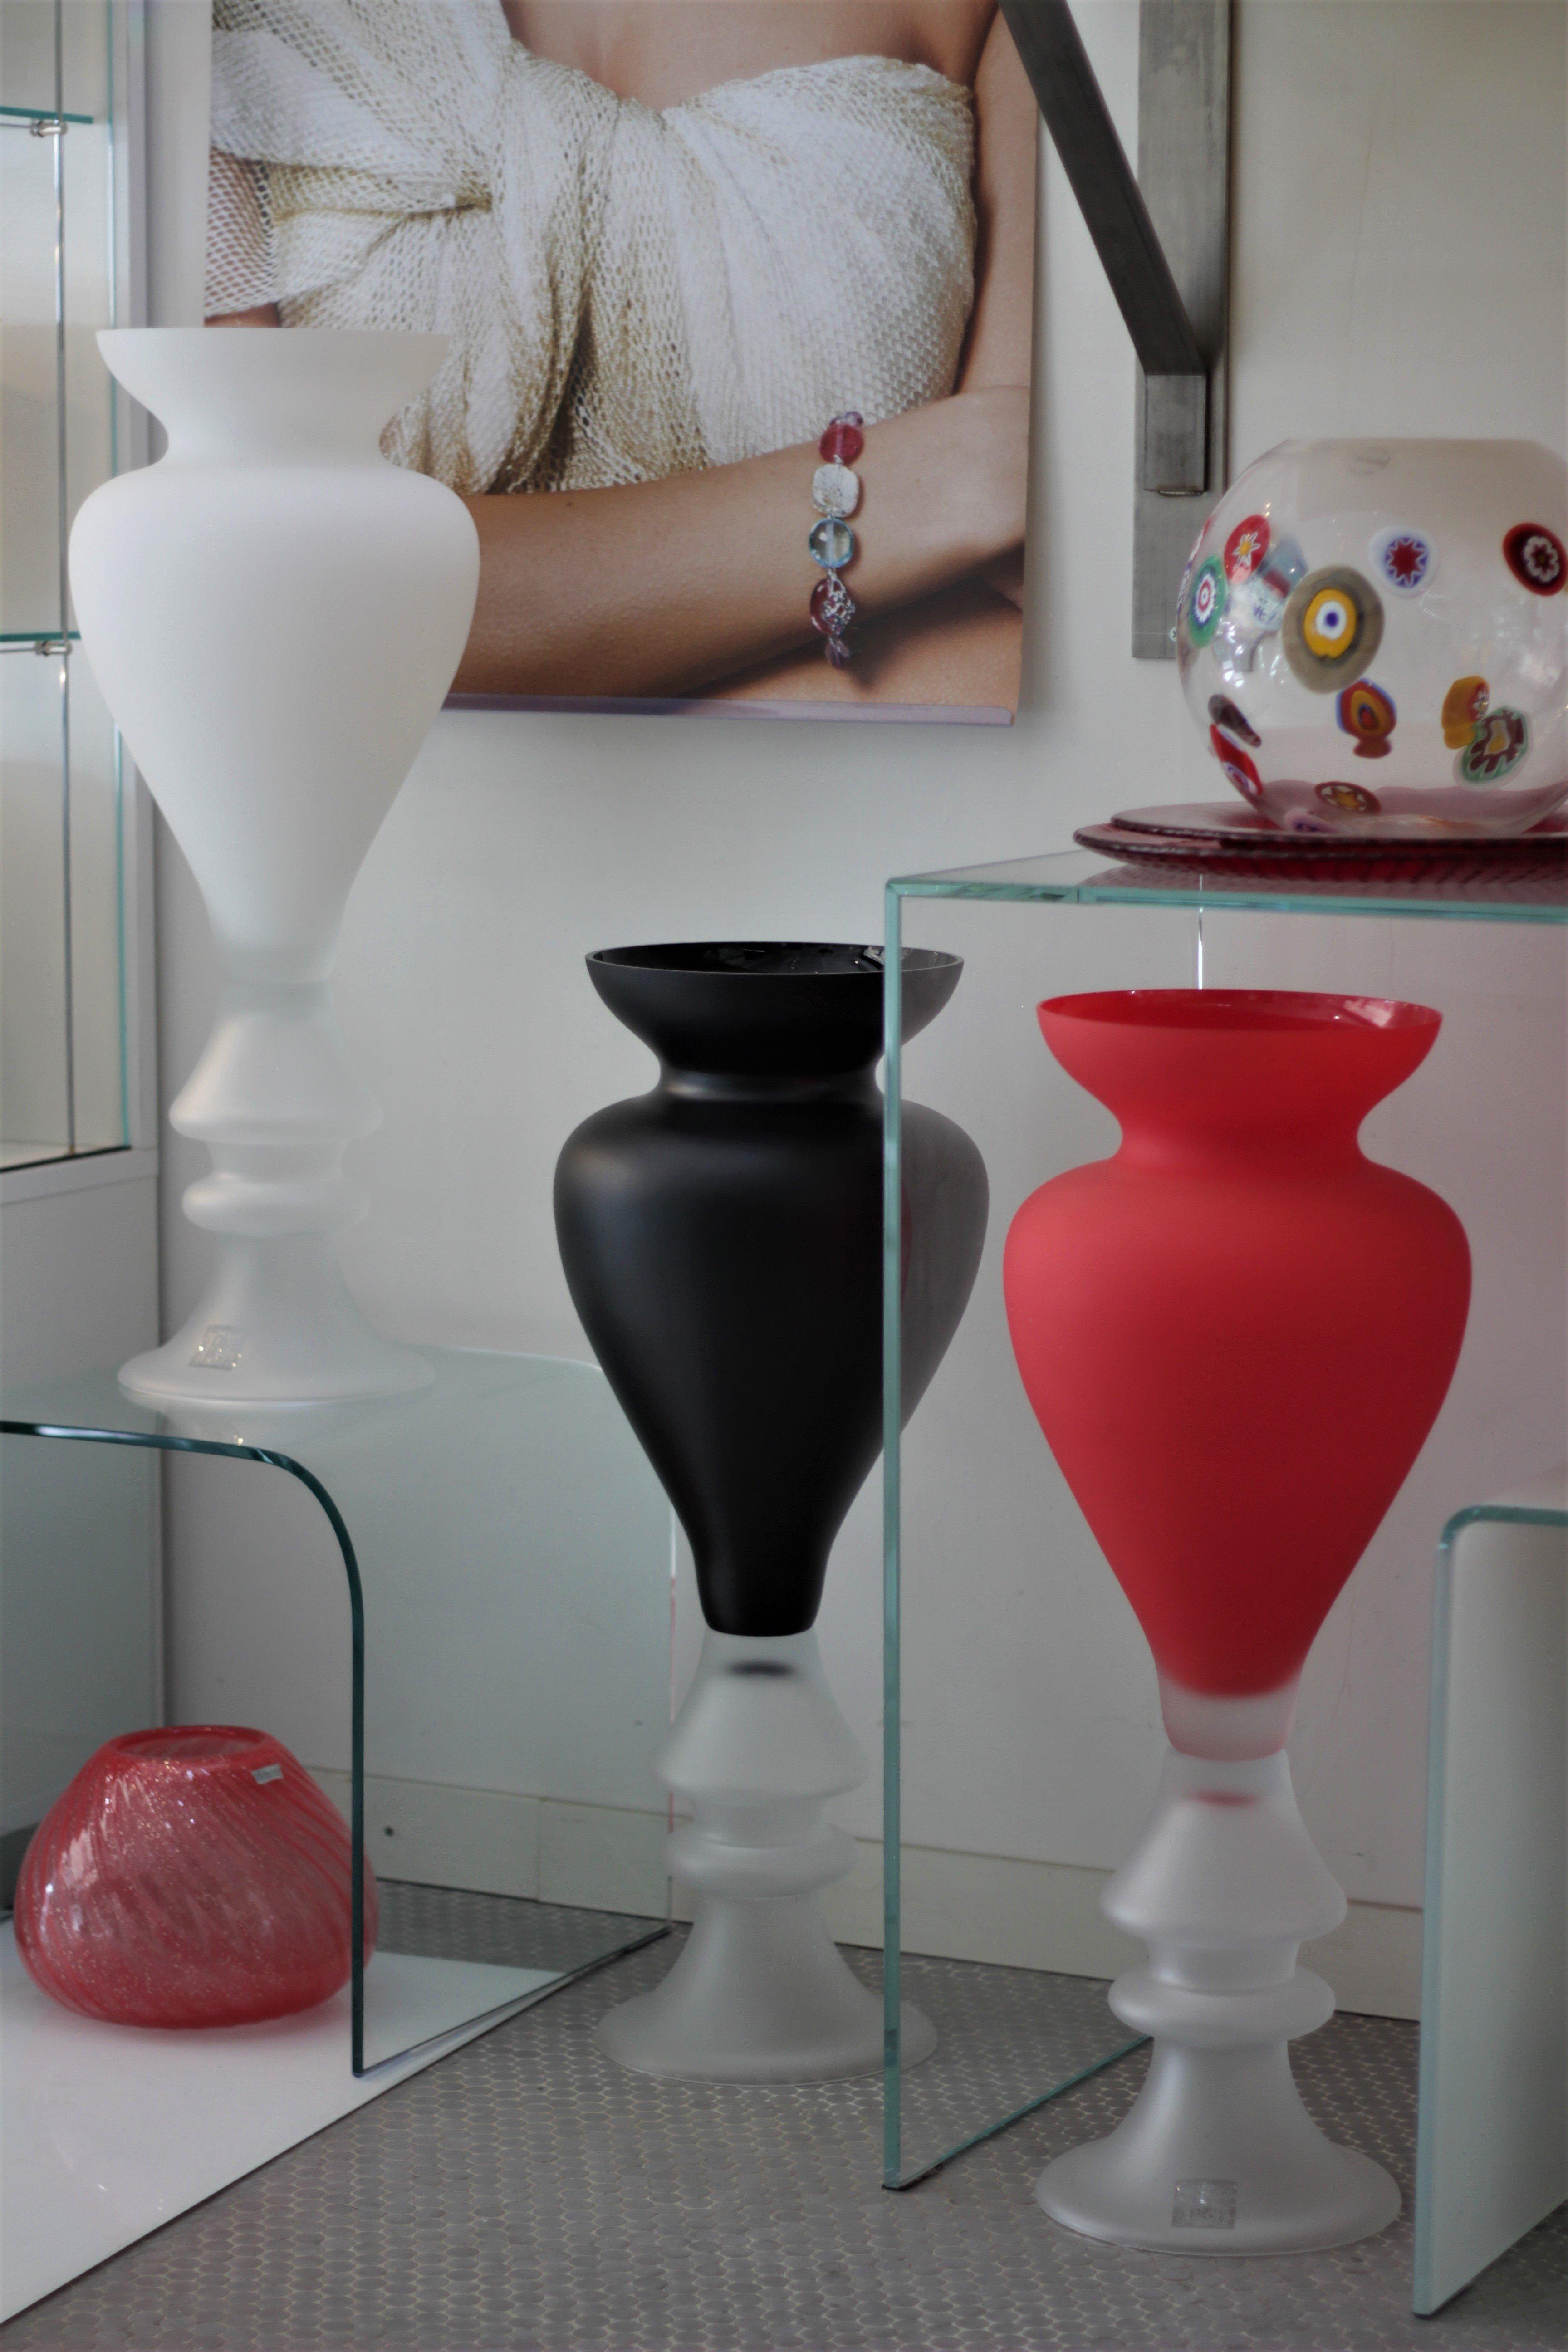 vasi in vetro soffiato, rosso e nero